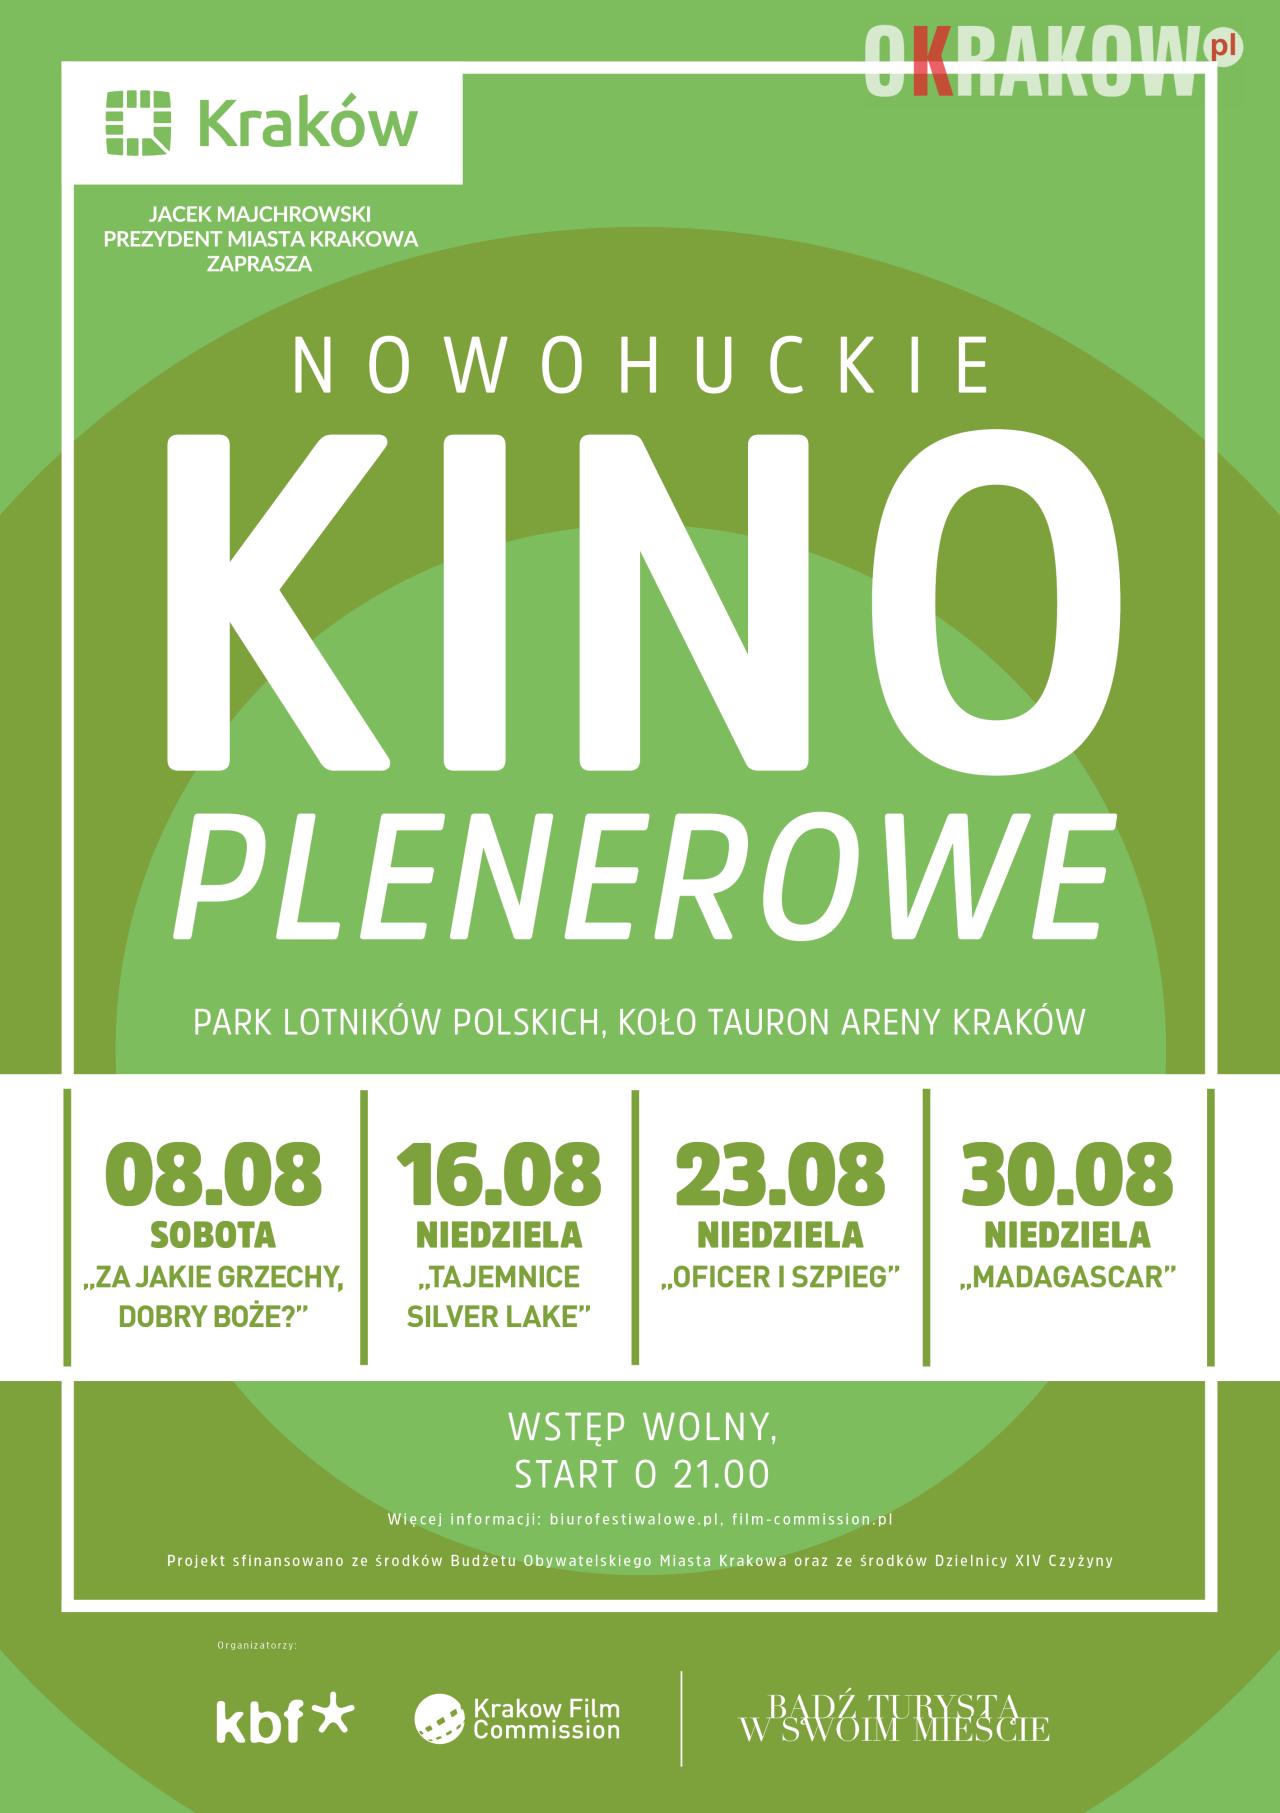 kino plenerowe krakow nowa huta 2 212x300 - Kraków Wydarzenia: W Nowej Hucie rusza Kino Plenerowe